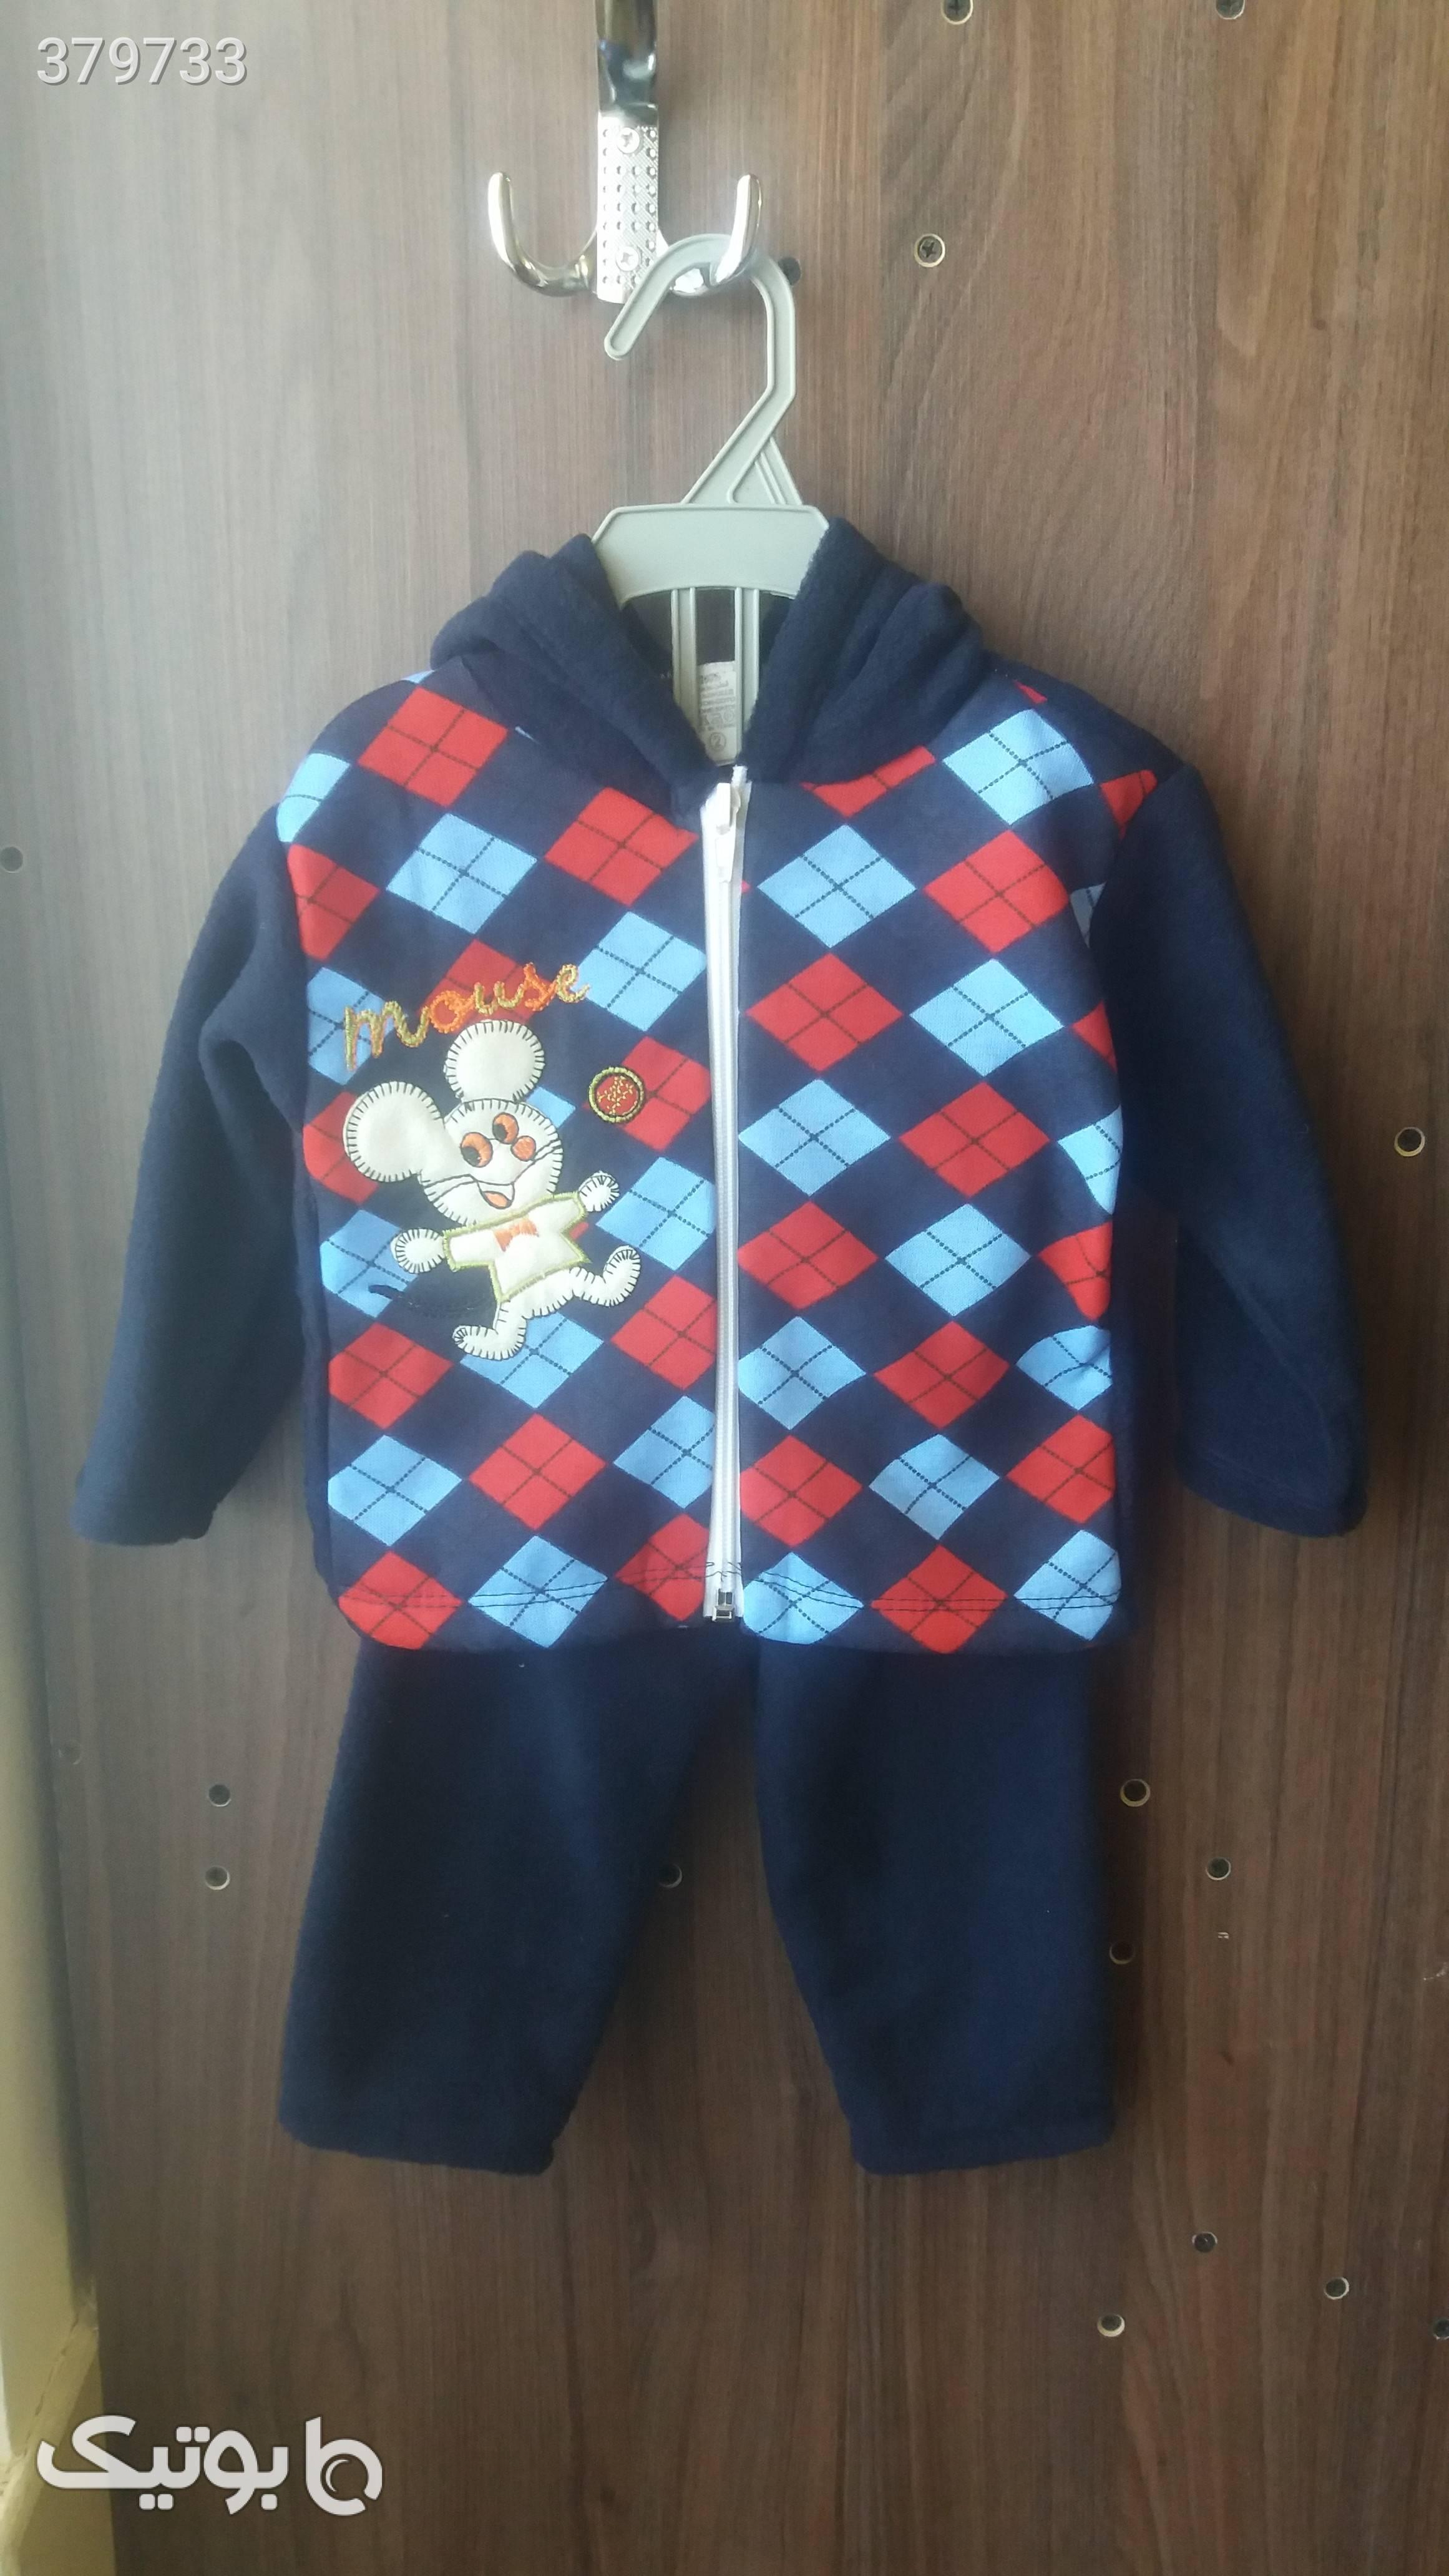 سوییشرت شلوار پسرانه سورمه ای لباس کودک پسرانه